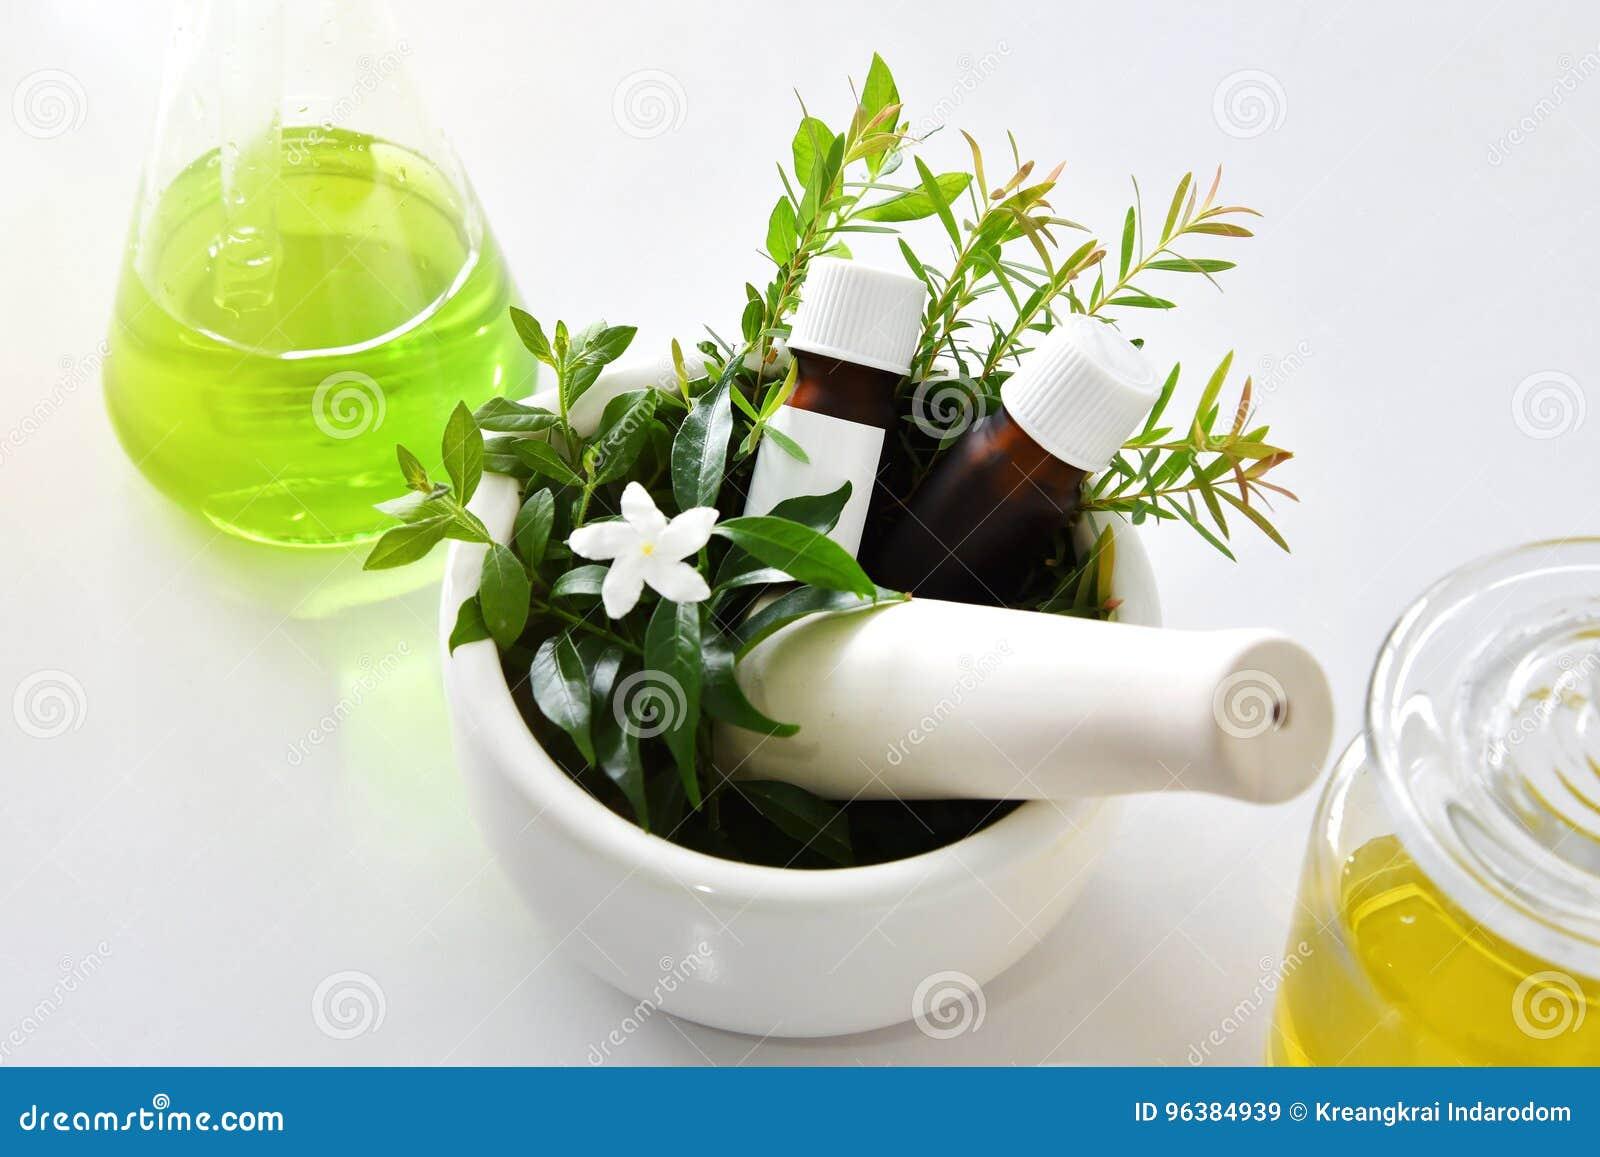 Naturlig organisk botanik och vetenskaplig glasföremål, alternativ örtmedicin, naturliga skönhetsprodukter för hudomsorg